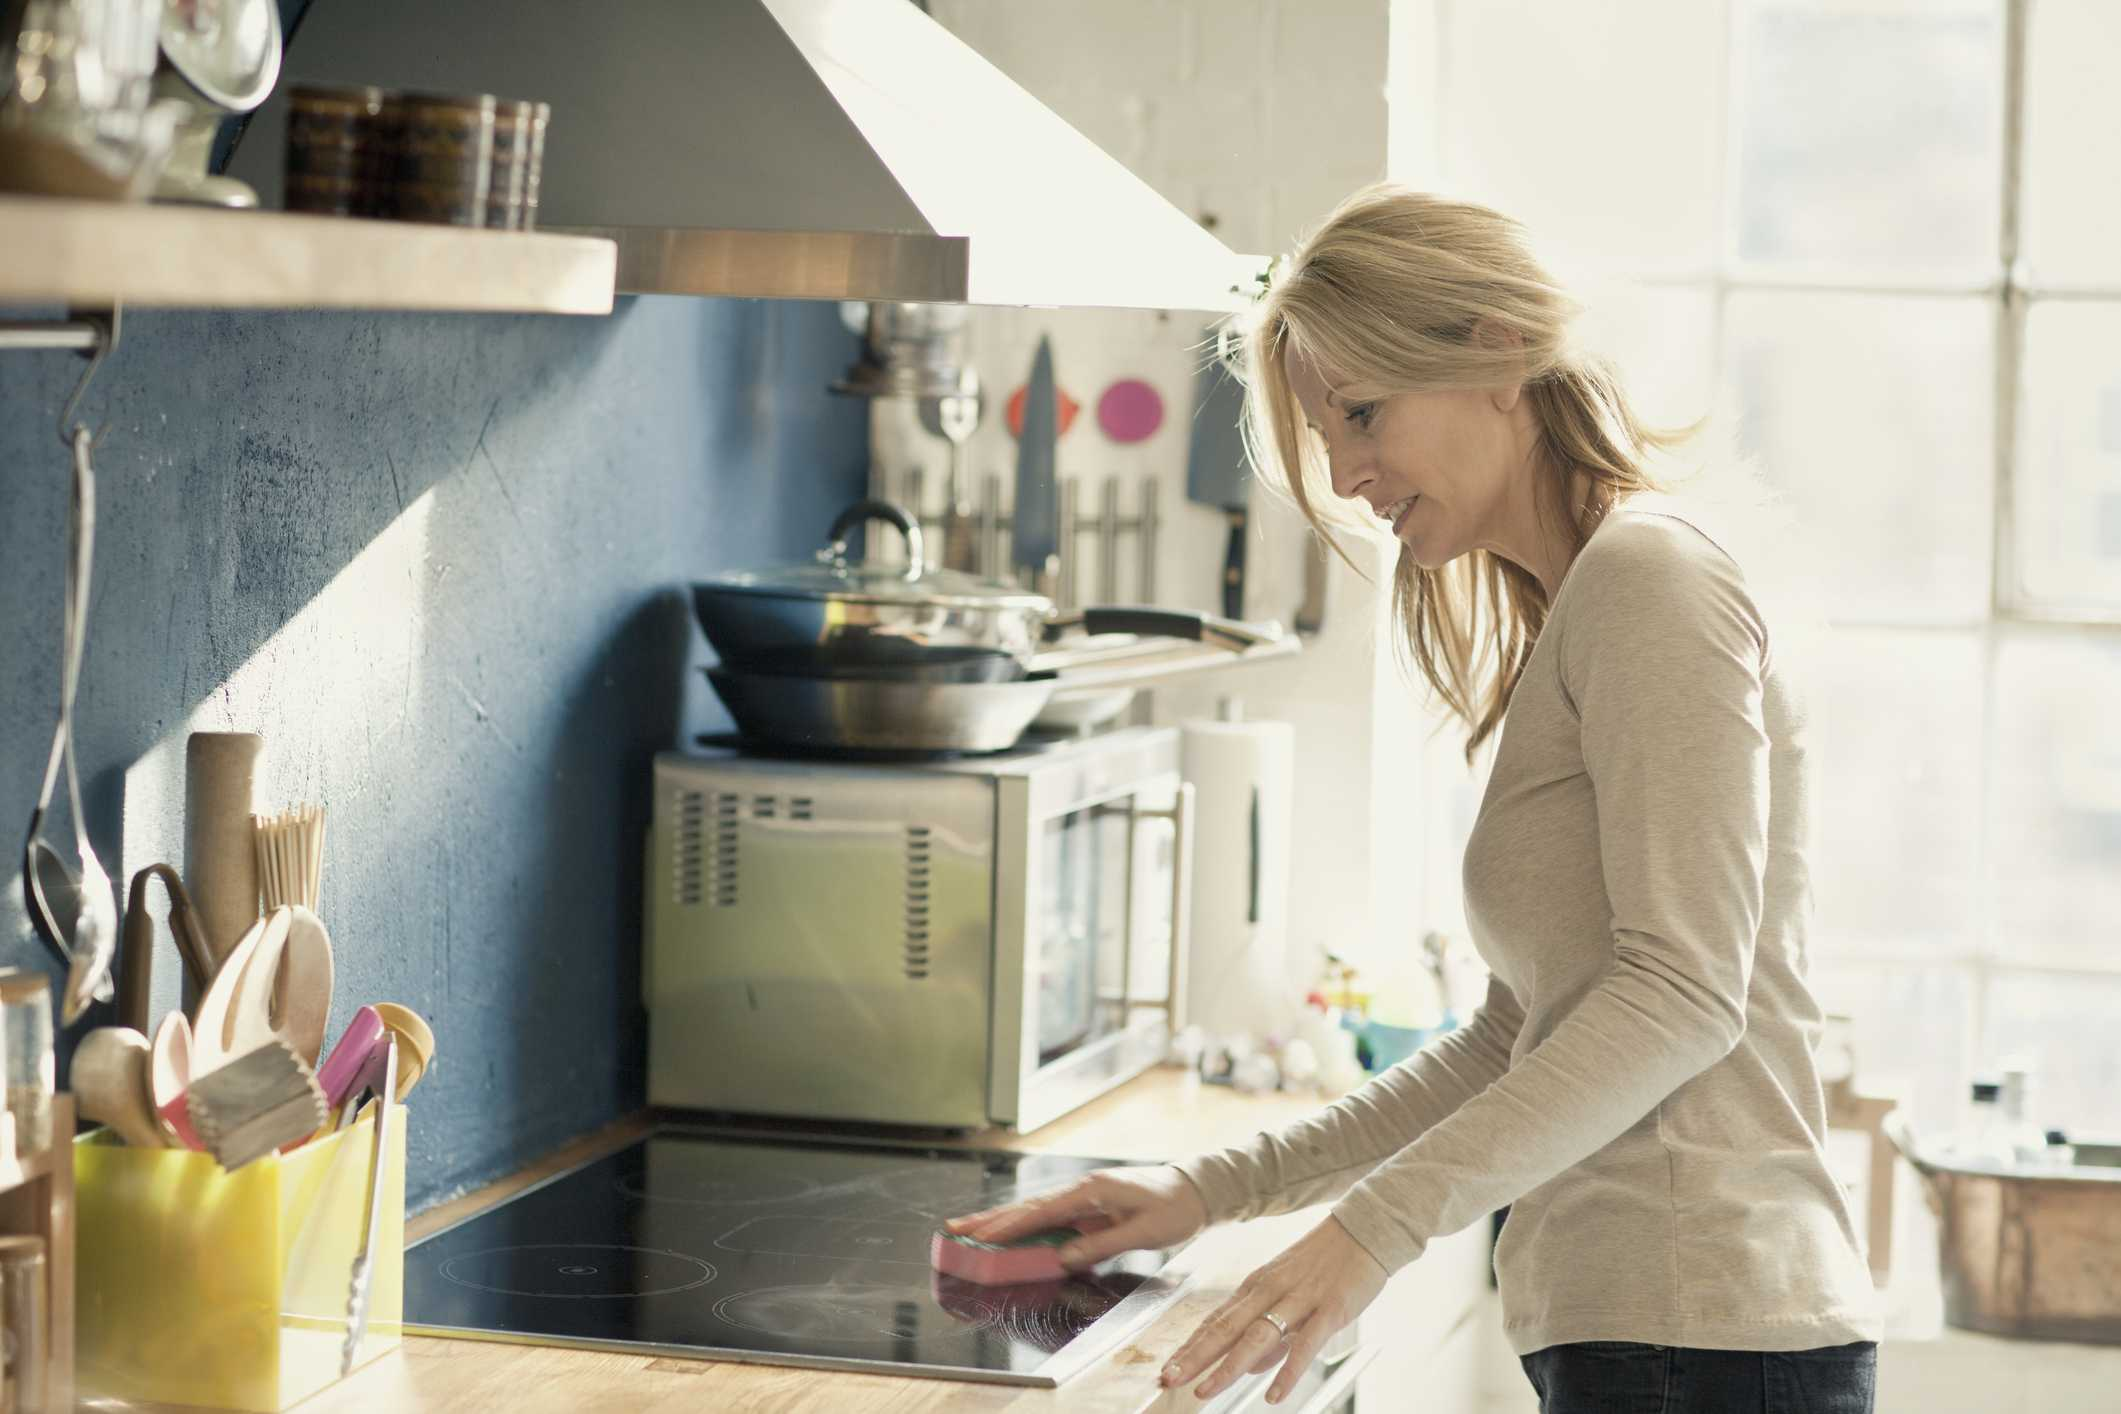 Mujer limpiando su electricidad estufa en su cocina